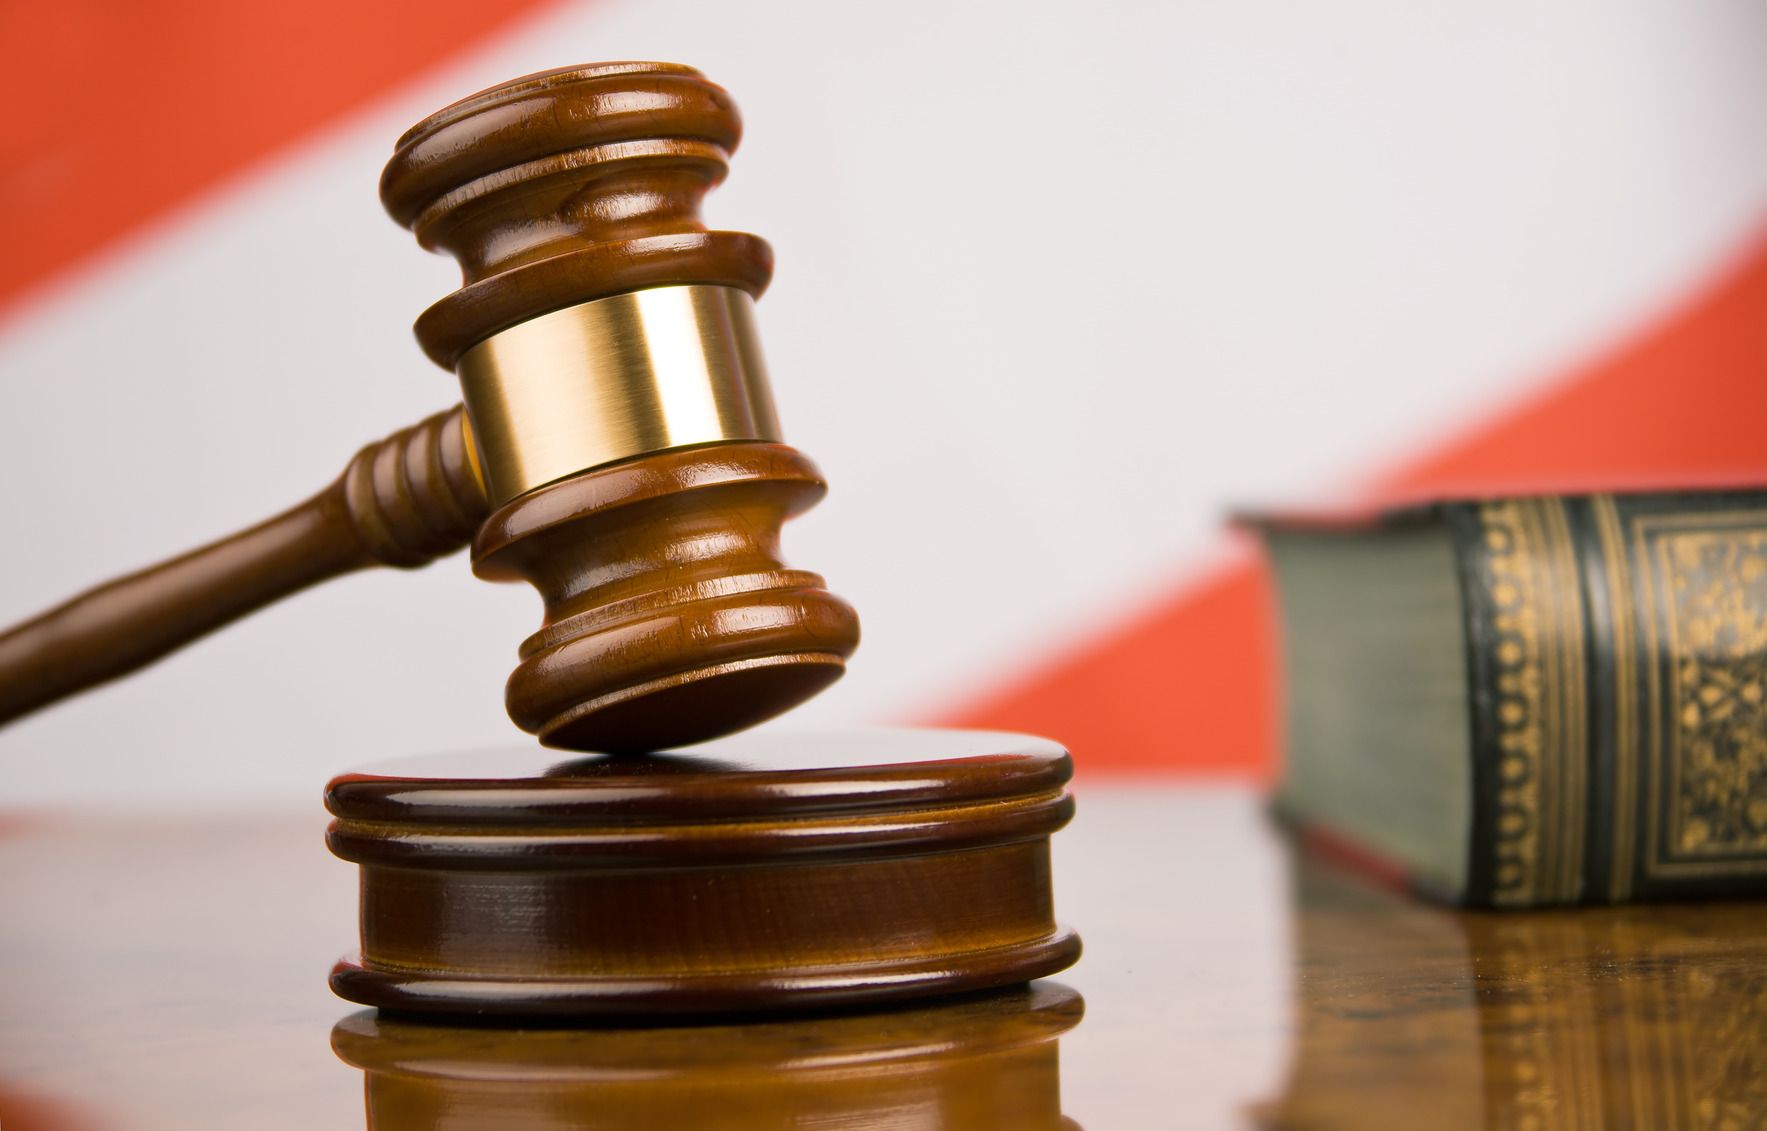 Экс-главу района Черниговской области осудили повторно, дав еще больший срок